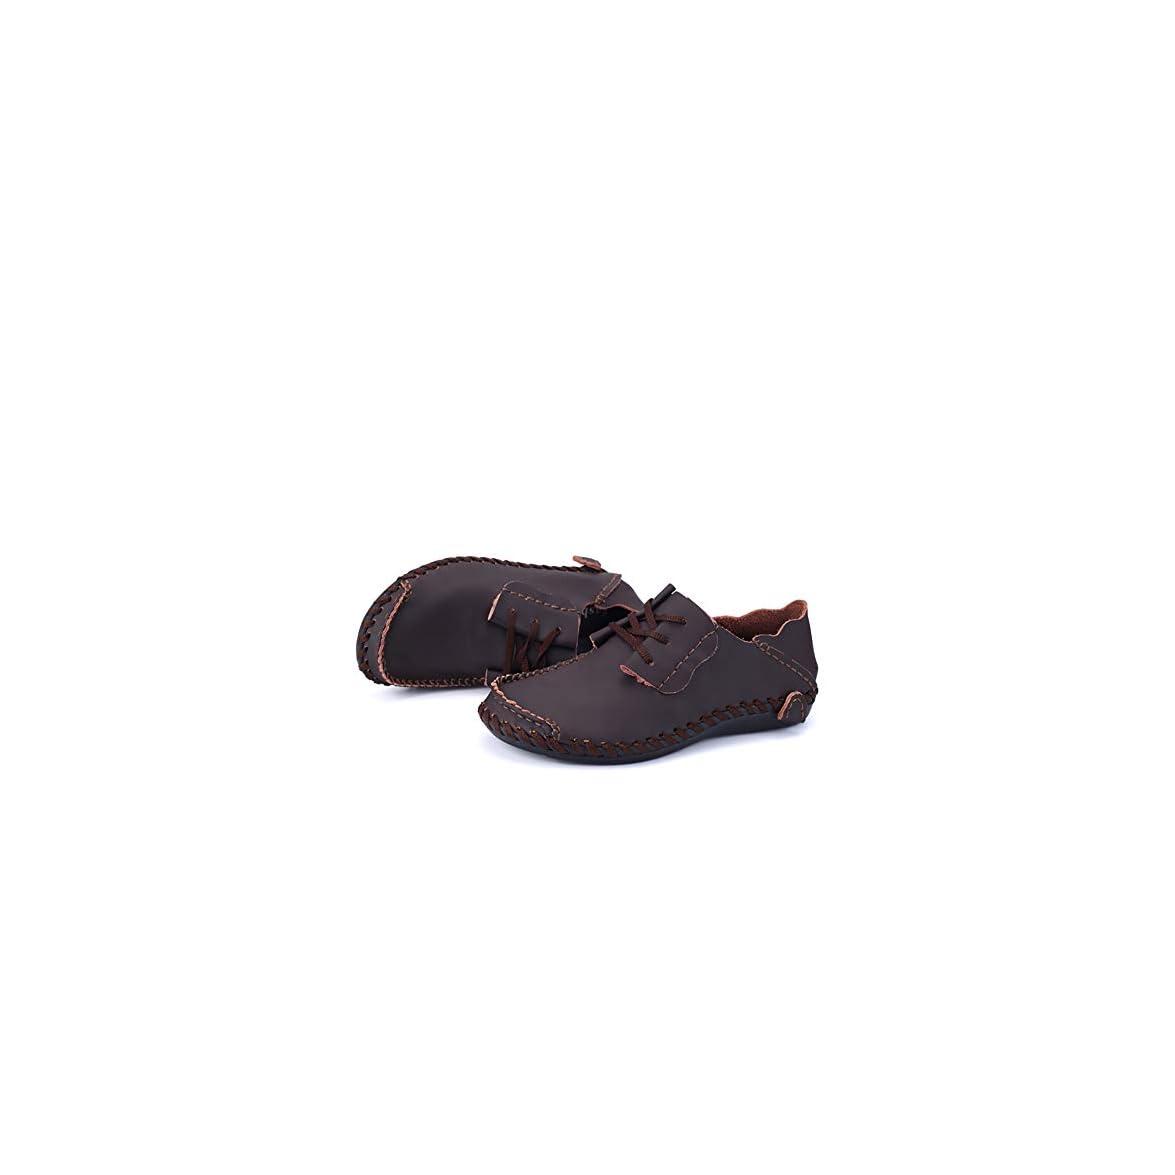 Pelle Scarpa Da Libero Traspirante Piselli Uomo Tempo In Scarpe Gpf-fei Mocassini Rotonda Colore 40 Puro Moda Punta Pigro gray